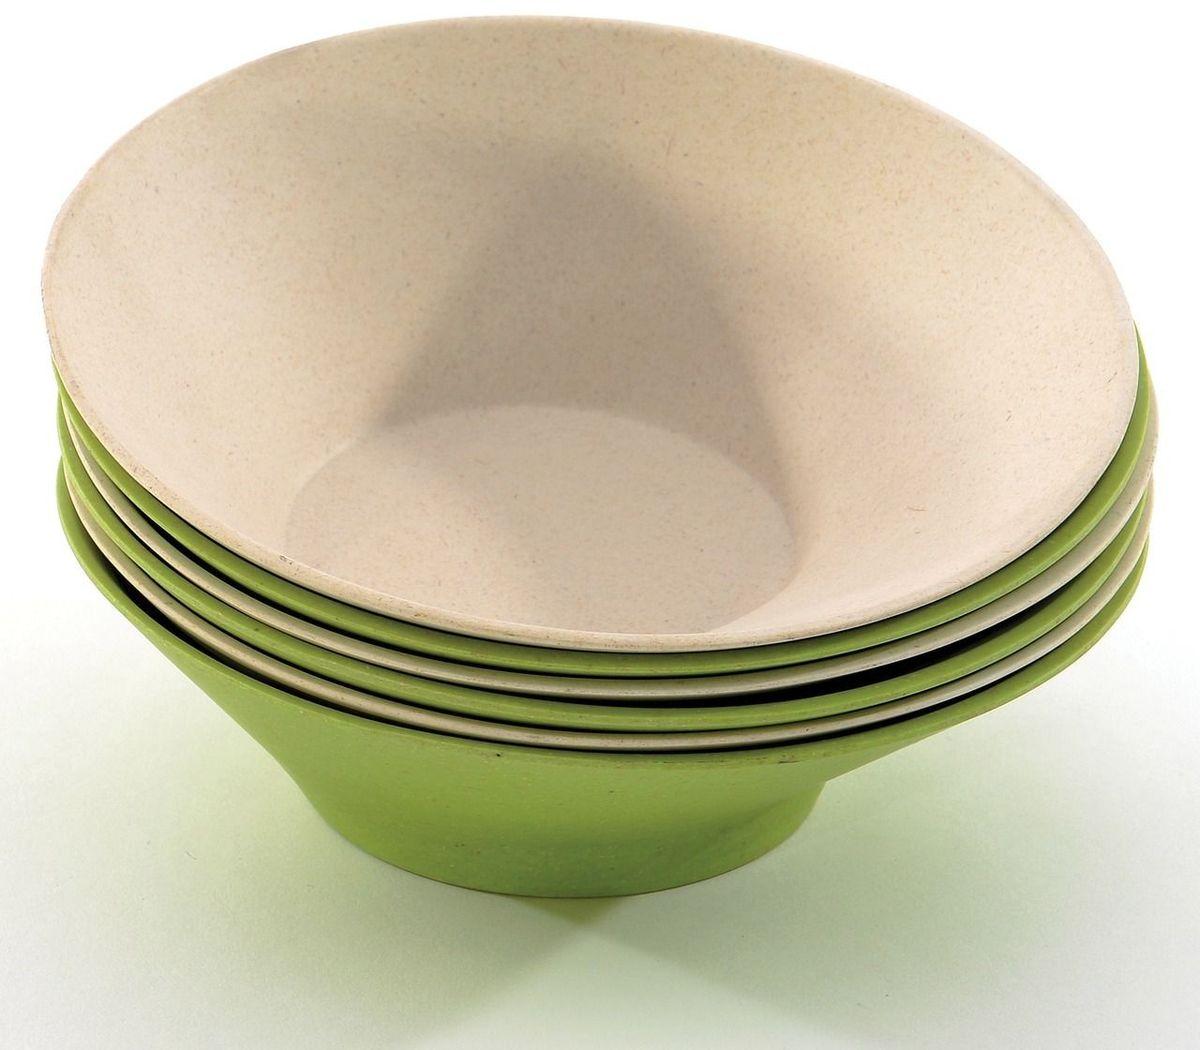 Набор мисок сервировочных BergHOFF Cook&Co, цвет: зеленый, бежевый, 500 мл, 6 шт2800057Набор сервировочных мисок BergHOFF Cook&Co обладают отличным качеством, стилем, инновационным дизайном! Миски изготовлены из бамбука в сочетании с меламином. Это износостойкий, полностью безопасный материал. Подходят только для холодных продуктов. Миски оригинальной скошенной формы, устойчивые. Отличный набор для красивой подачи на стол холодных закусок и салатов. В набор входят 3 зеленые и 3 бежевые миски. Можно мыть в посудомоечной машине. Диаметр: 16 см.Высота: 5,5 см.